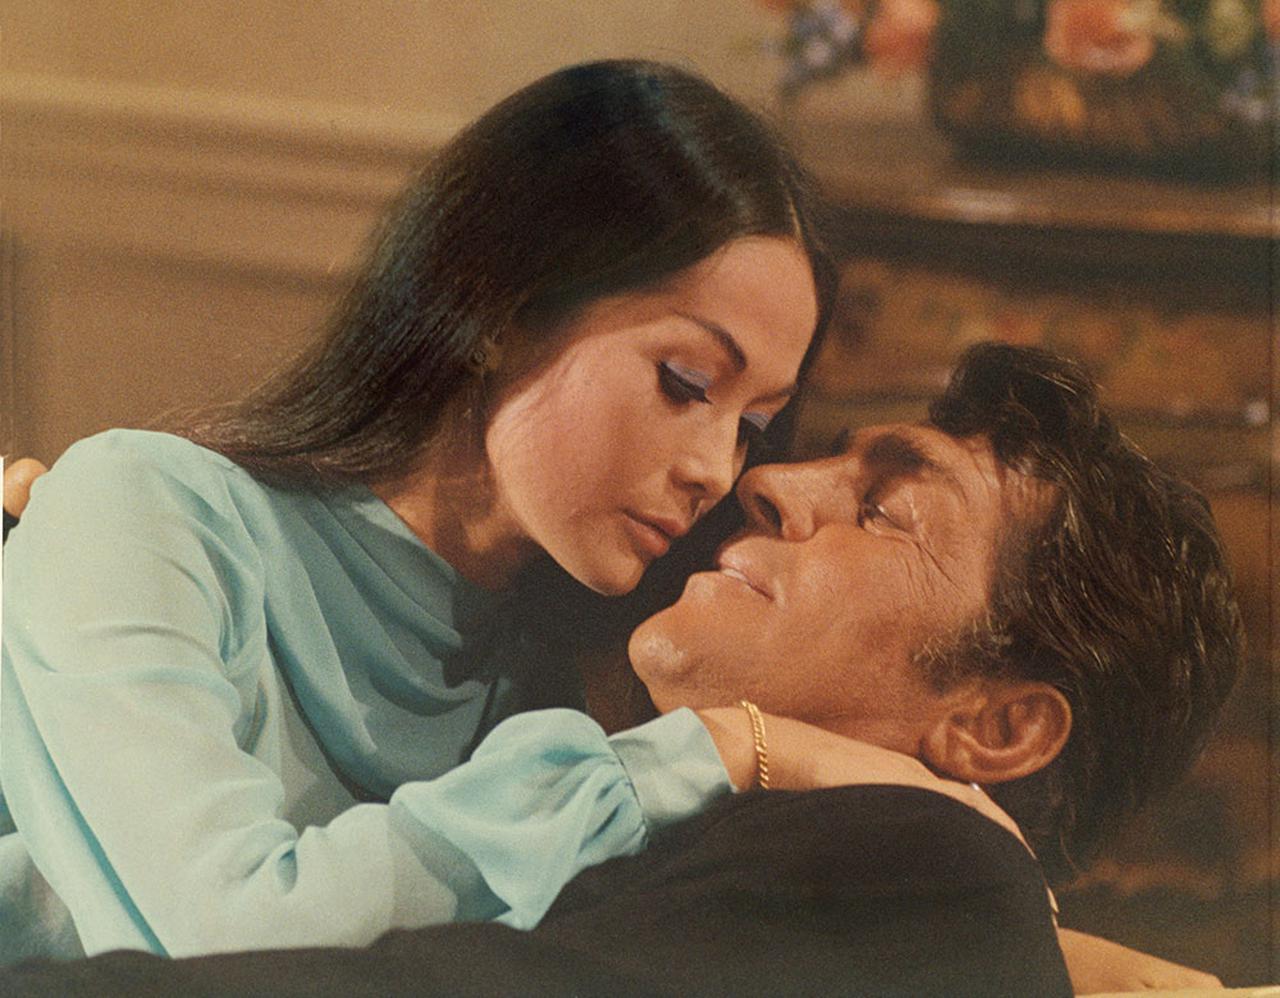 画像: © 1968, renewed 1996 Columbia Pictures Industries, Inc. All Rights Reserved.